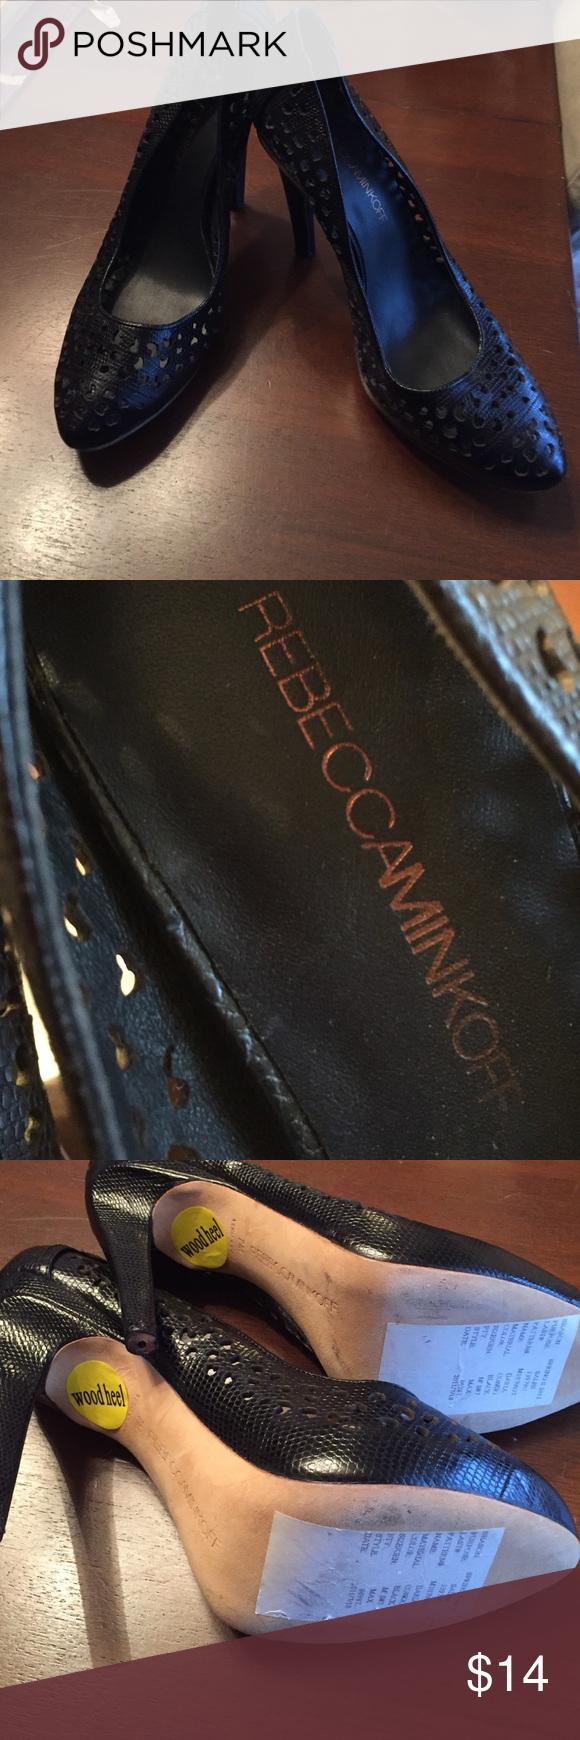 Rebecca Minkoff Sz 7 pumps New but need new heel protectors Shoes Heels